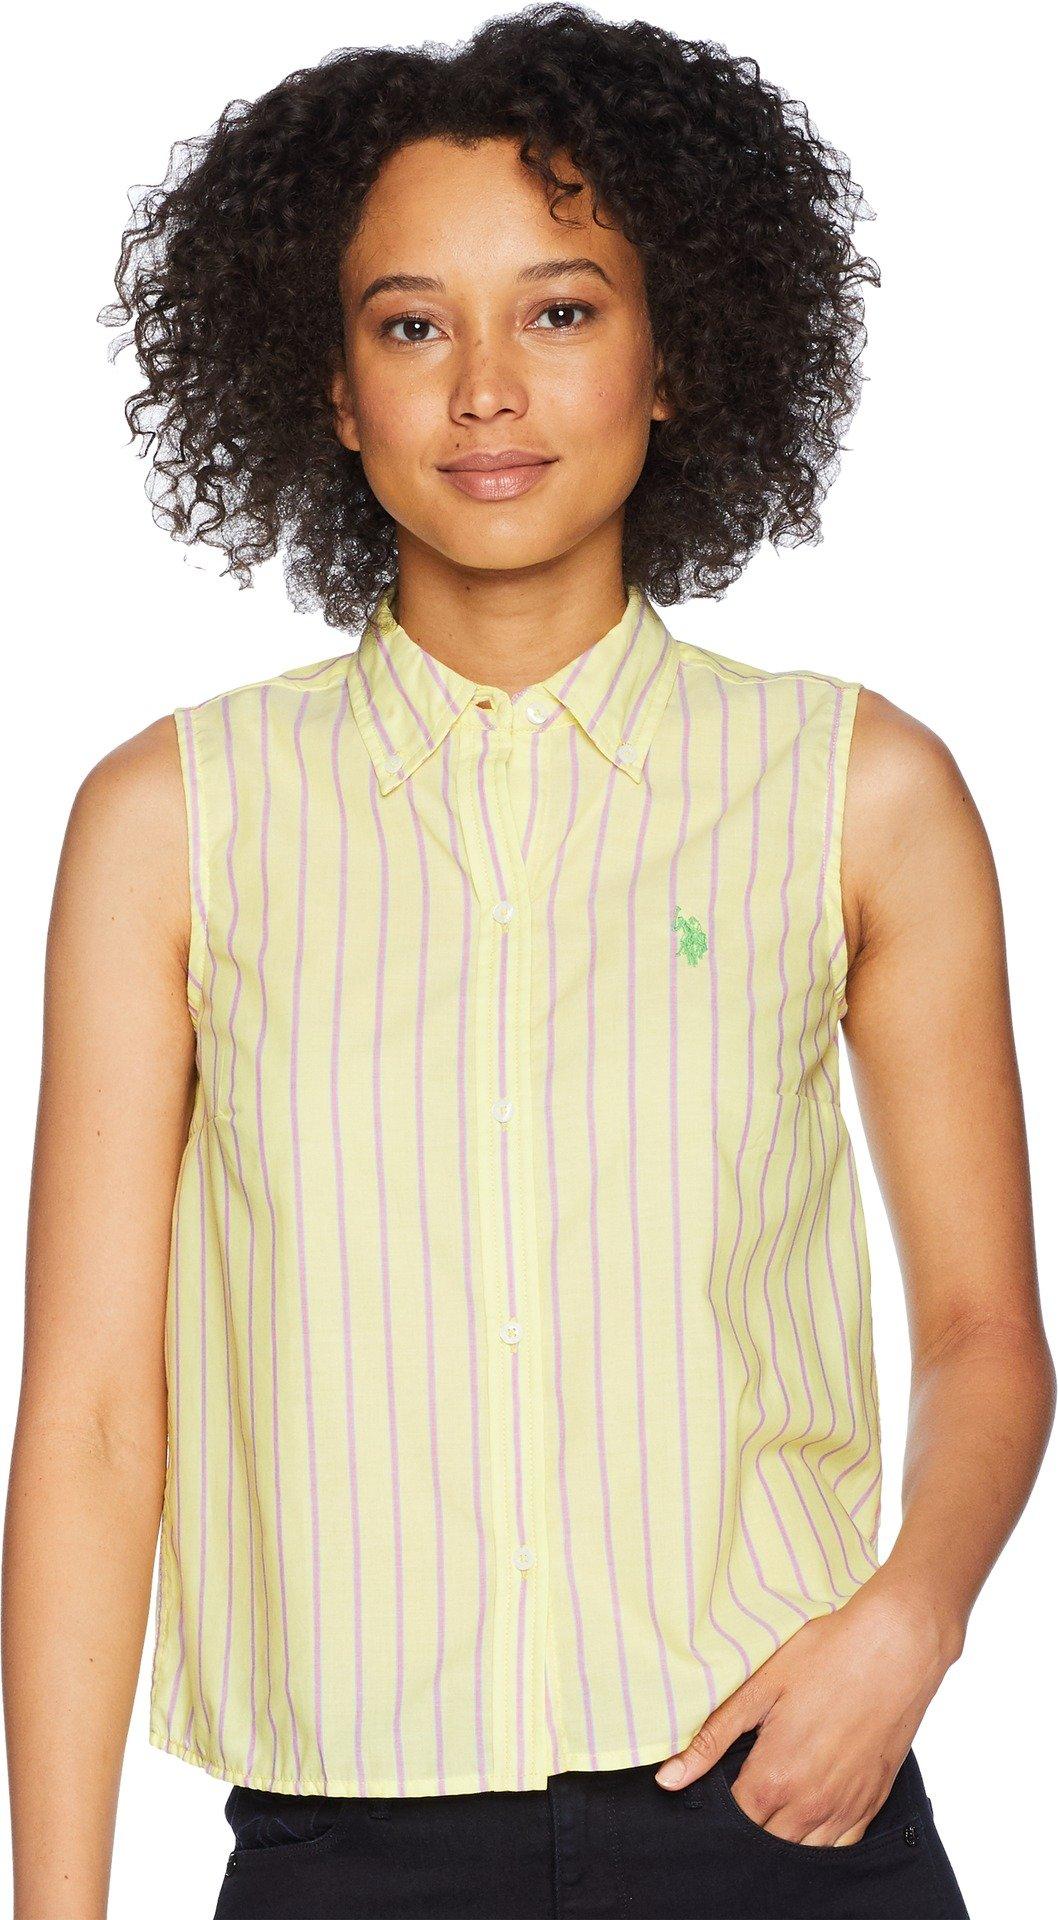 US Polo Assn Women's Sleeveless Poplin Shirt, Pineapple Colada BBMC, XL